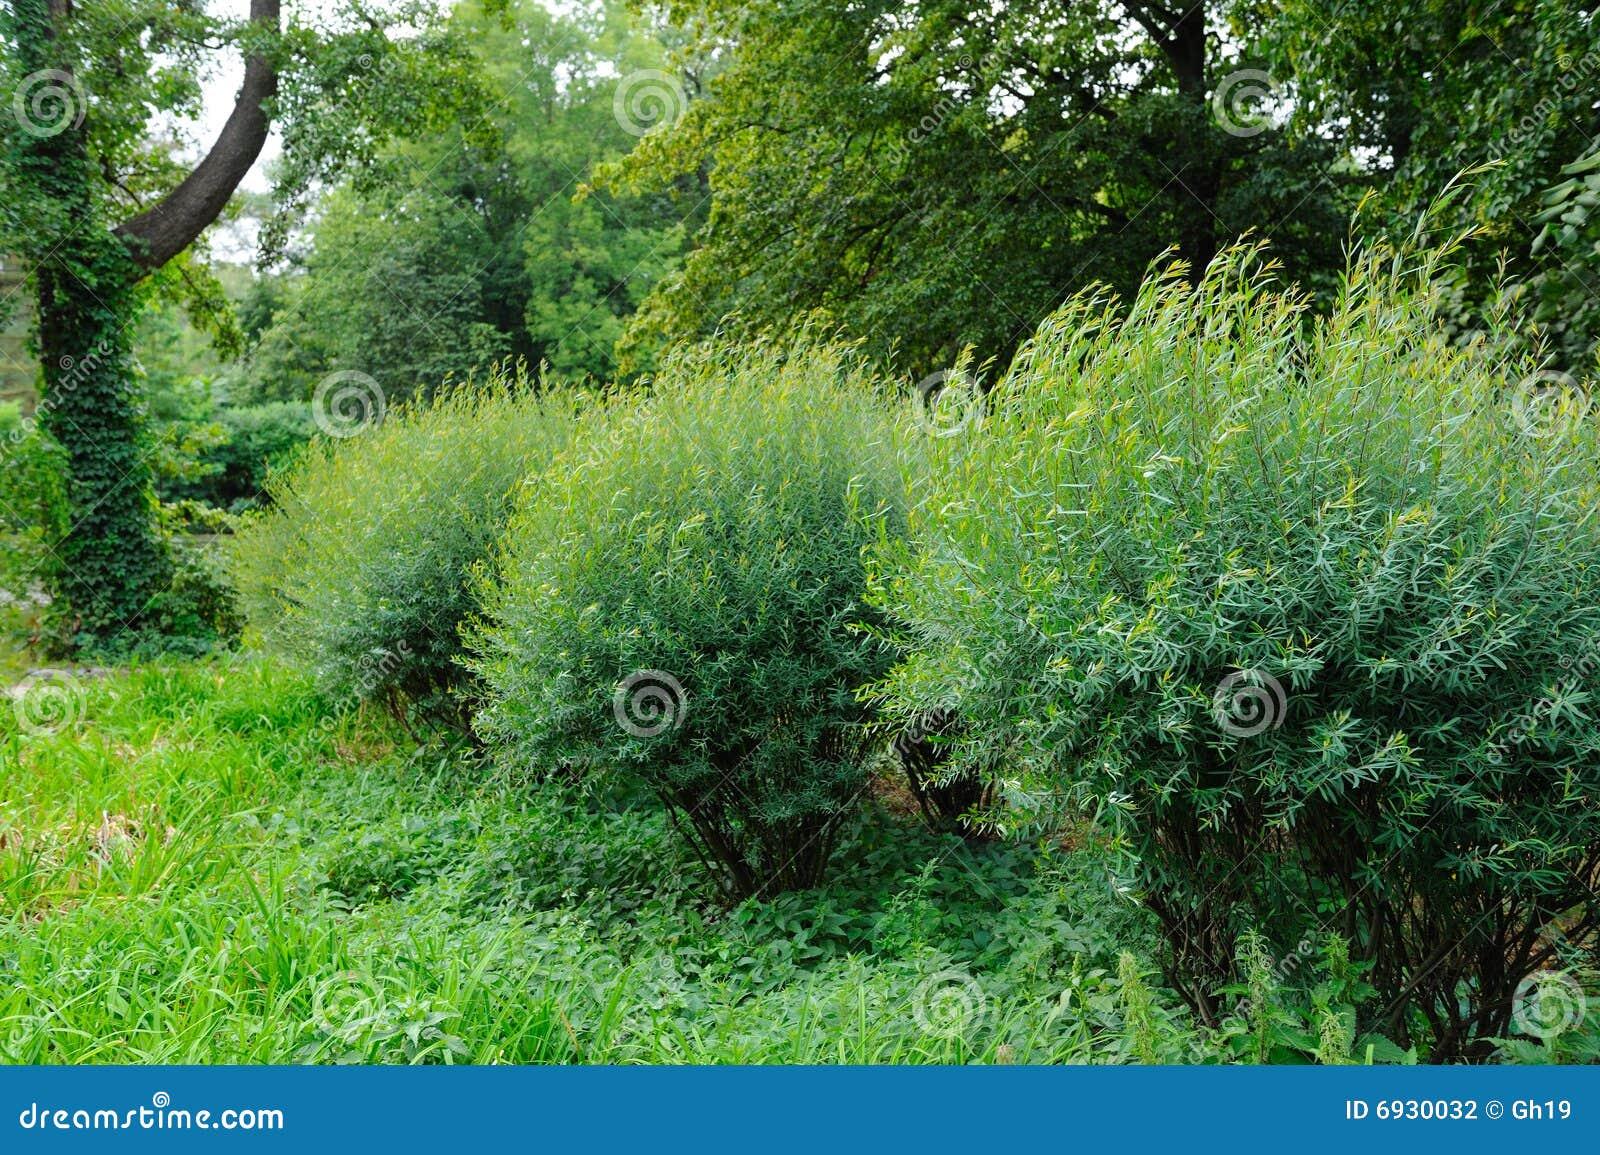 Fotos gratis de arbustos maduros